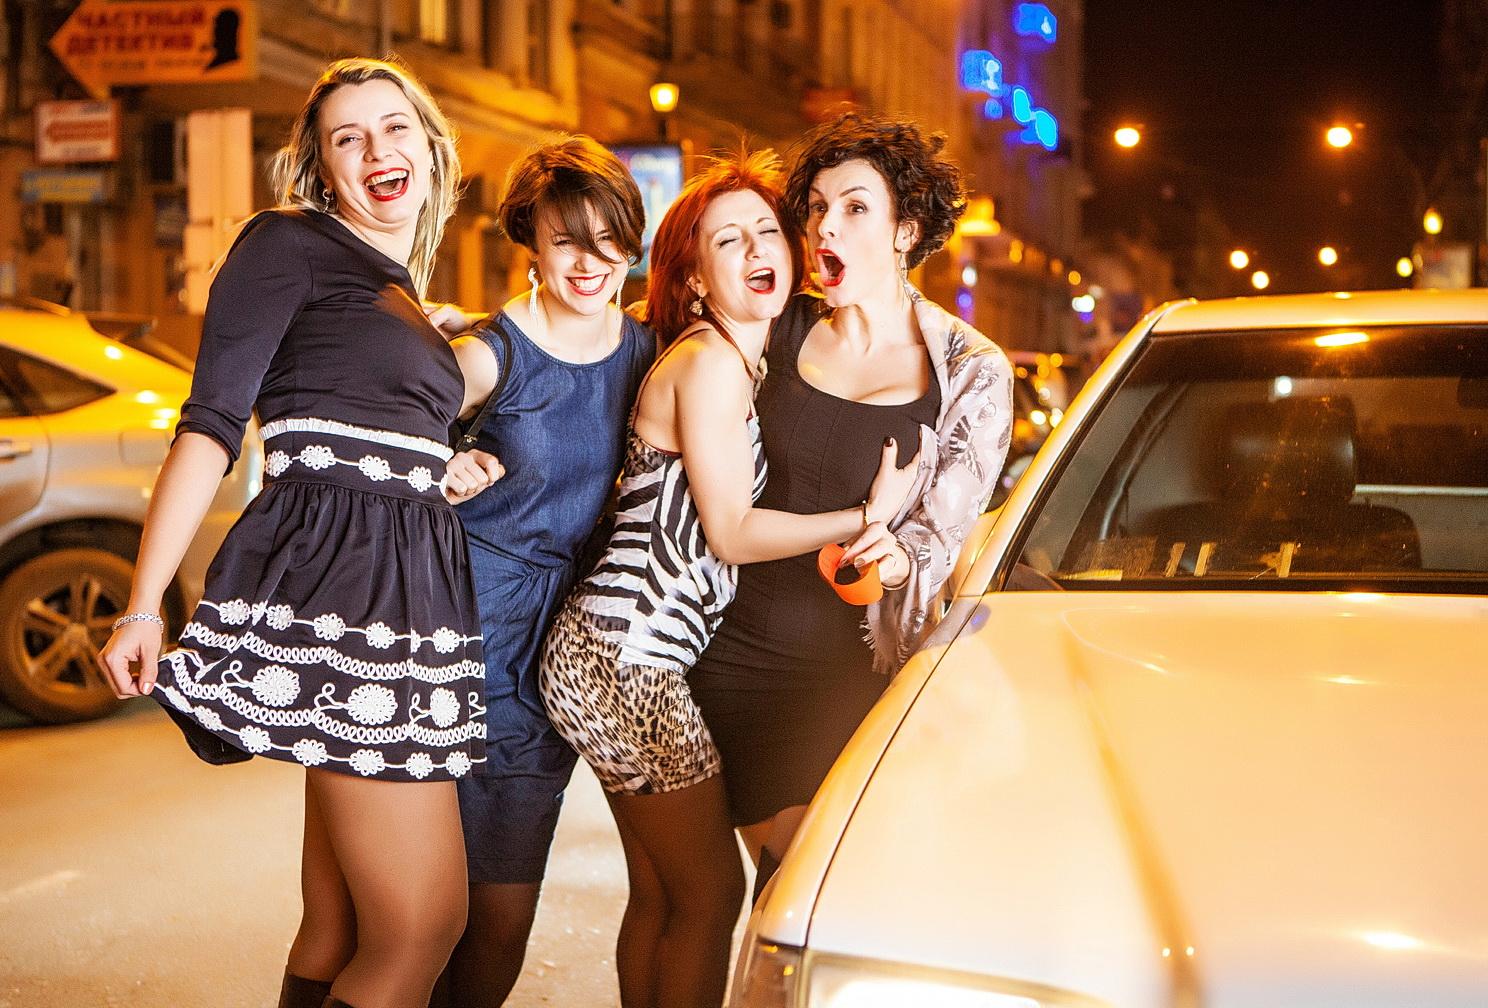 Прокат лимузина в Одессе - вечеринка, вечерняя Одесса